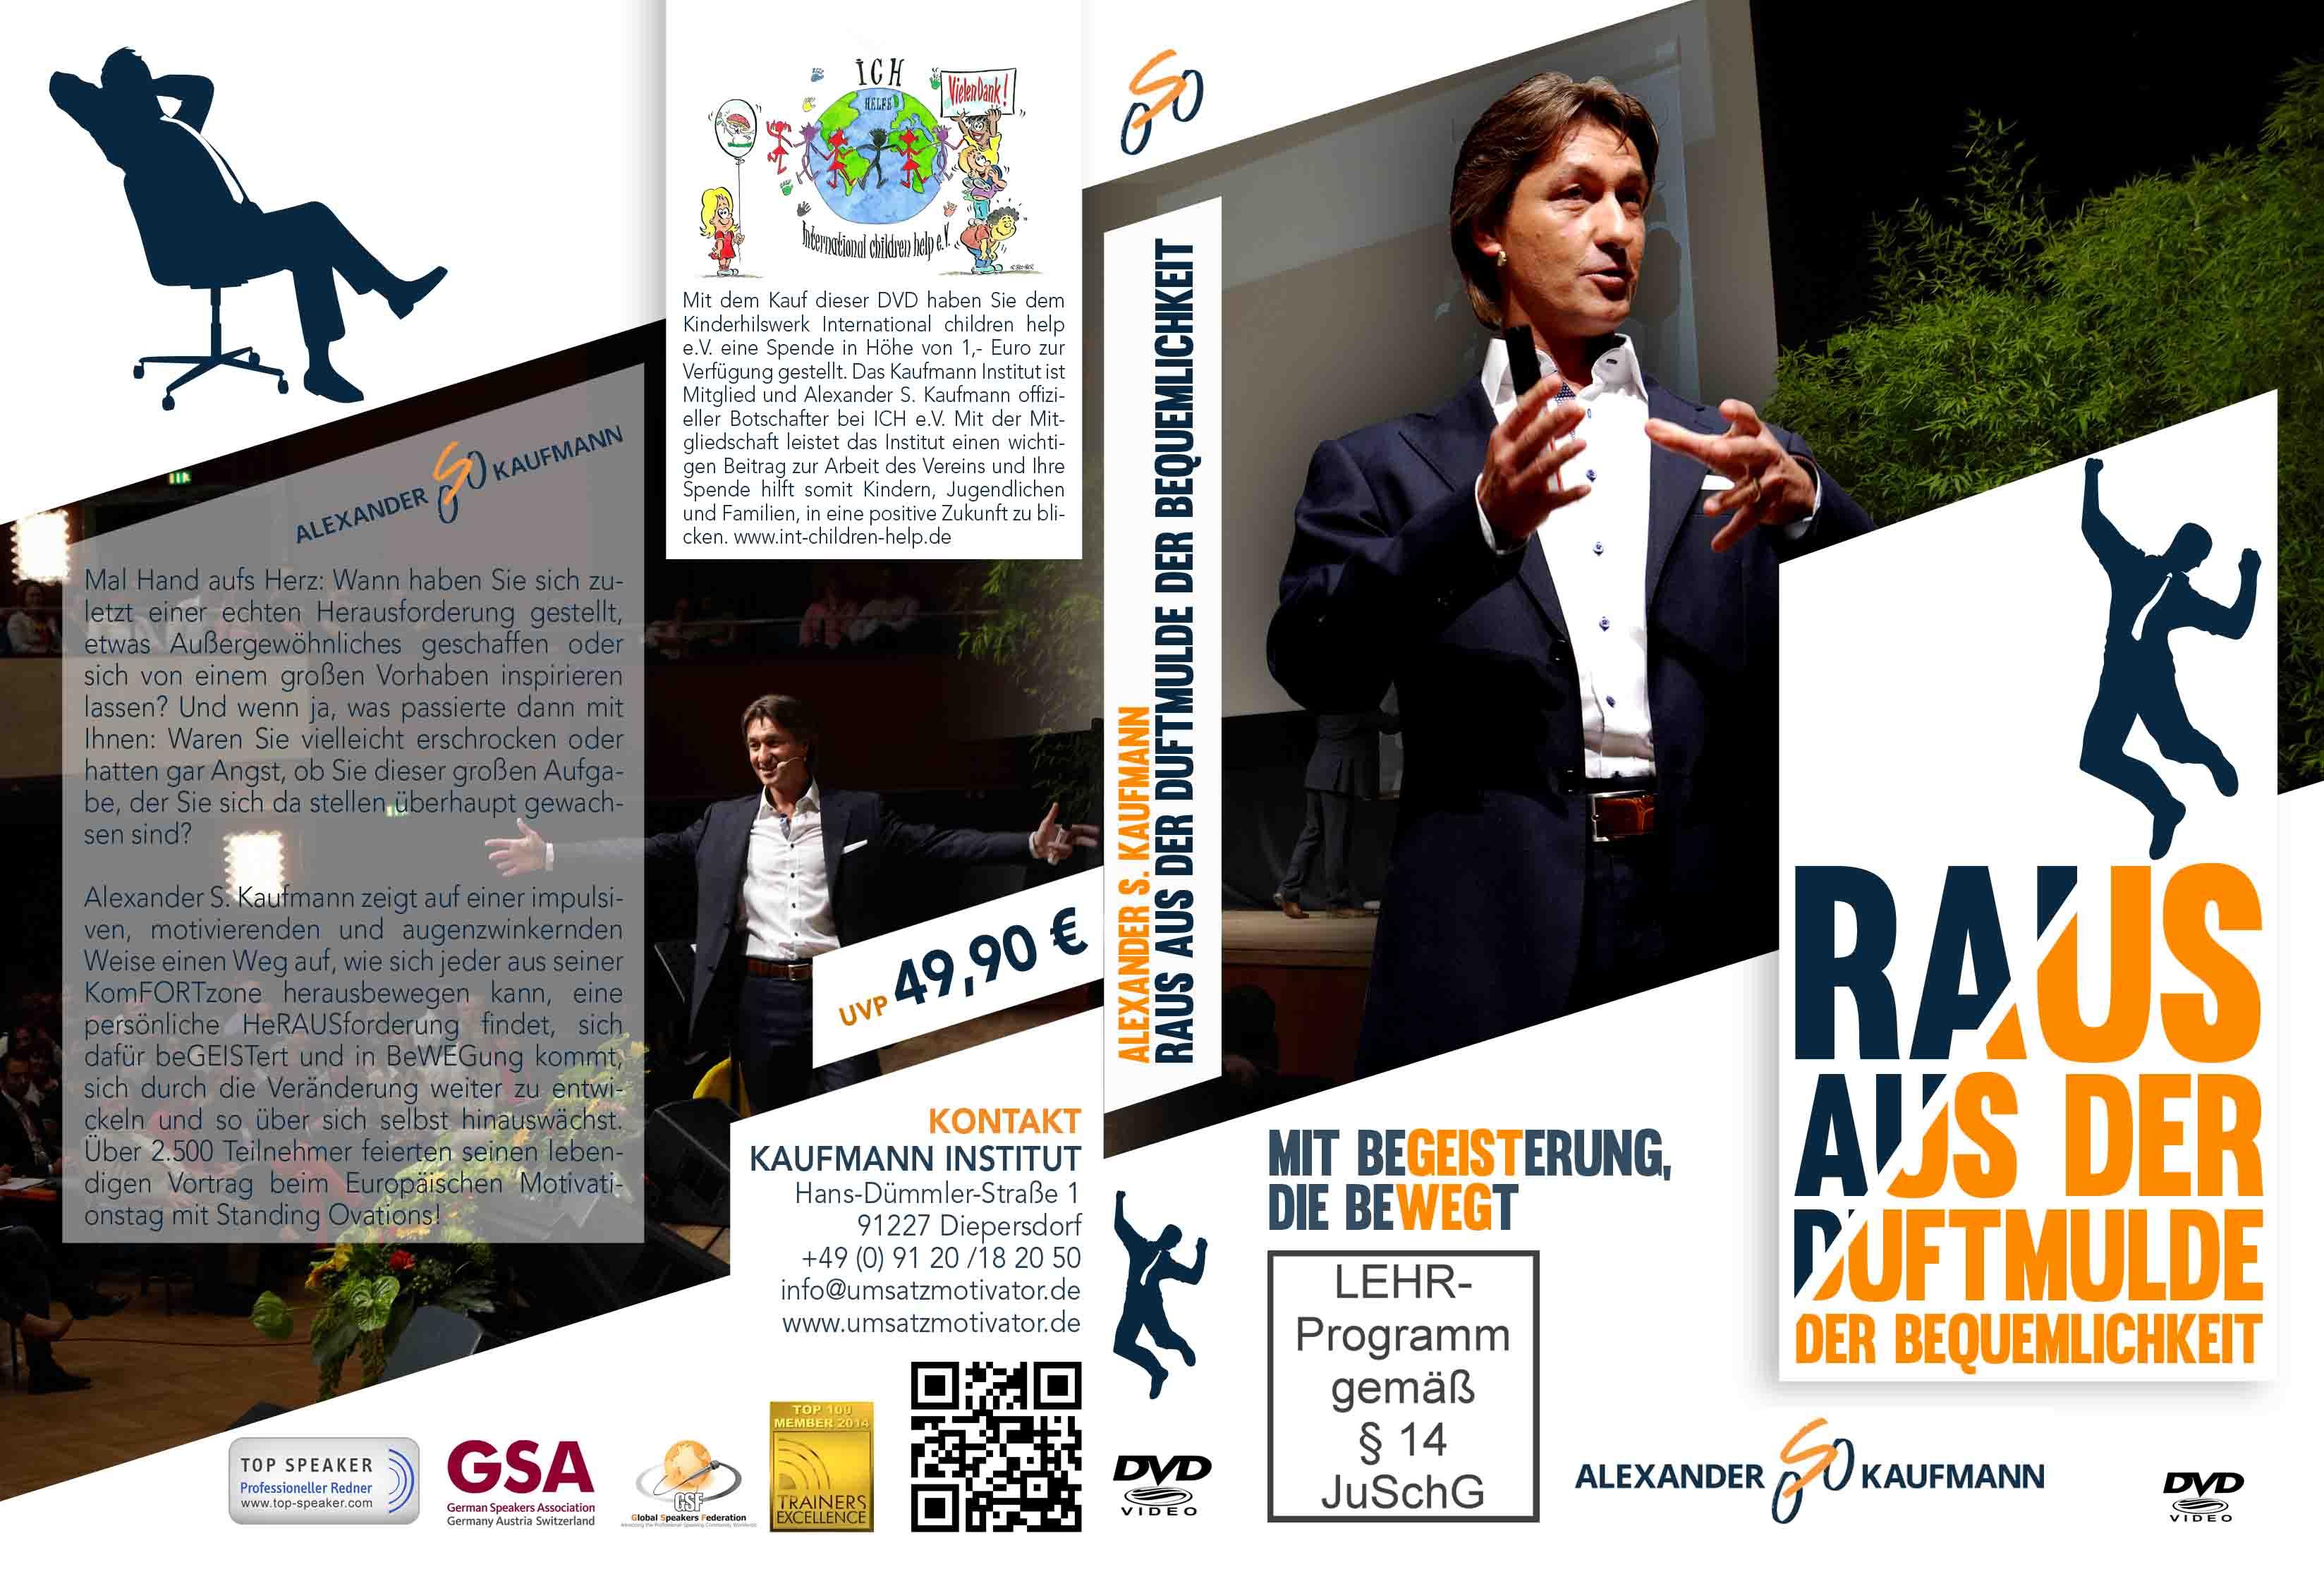 2014-03-05 Alexander S Kaufmann  Mit BeGEISTterung die beWEGt